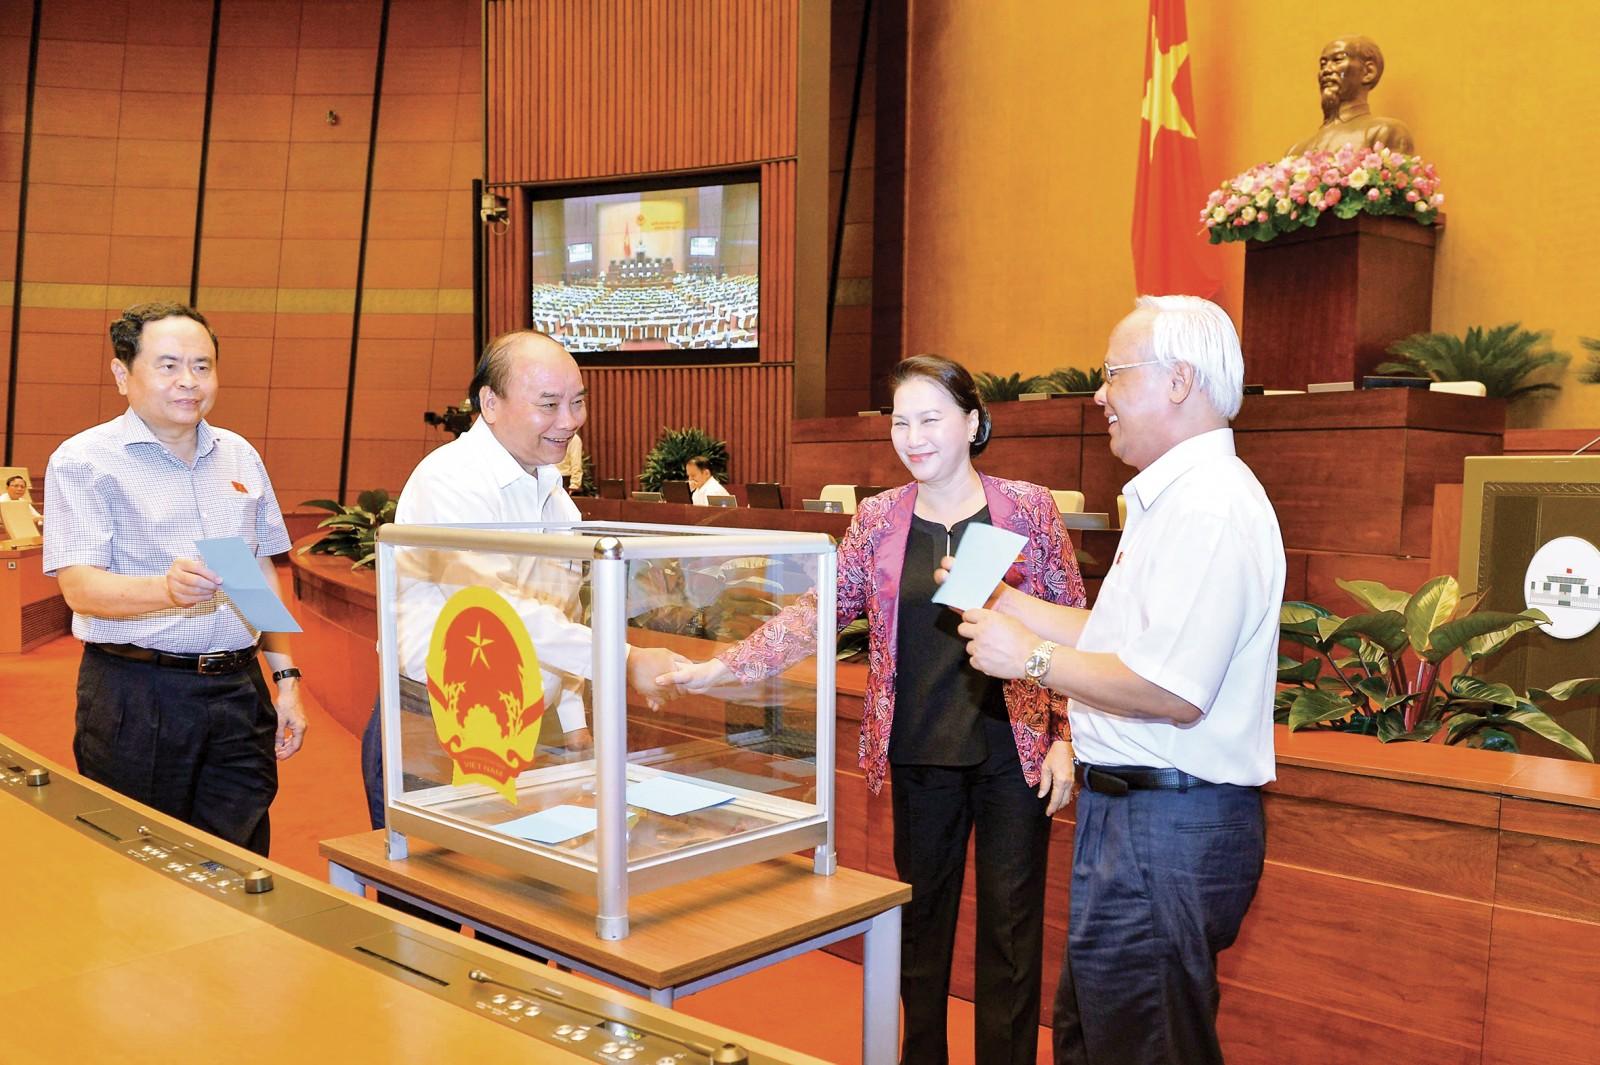 Thủ tướng Nguyễn Xuân Phúc và Chủ tịch Quốc hội Nguyễn Thị Kim Ngân và các đại biểu bỏ phiếu kín. Ảnh: DOÃN TẤN – TTXVN